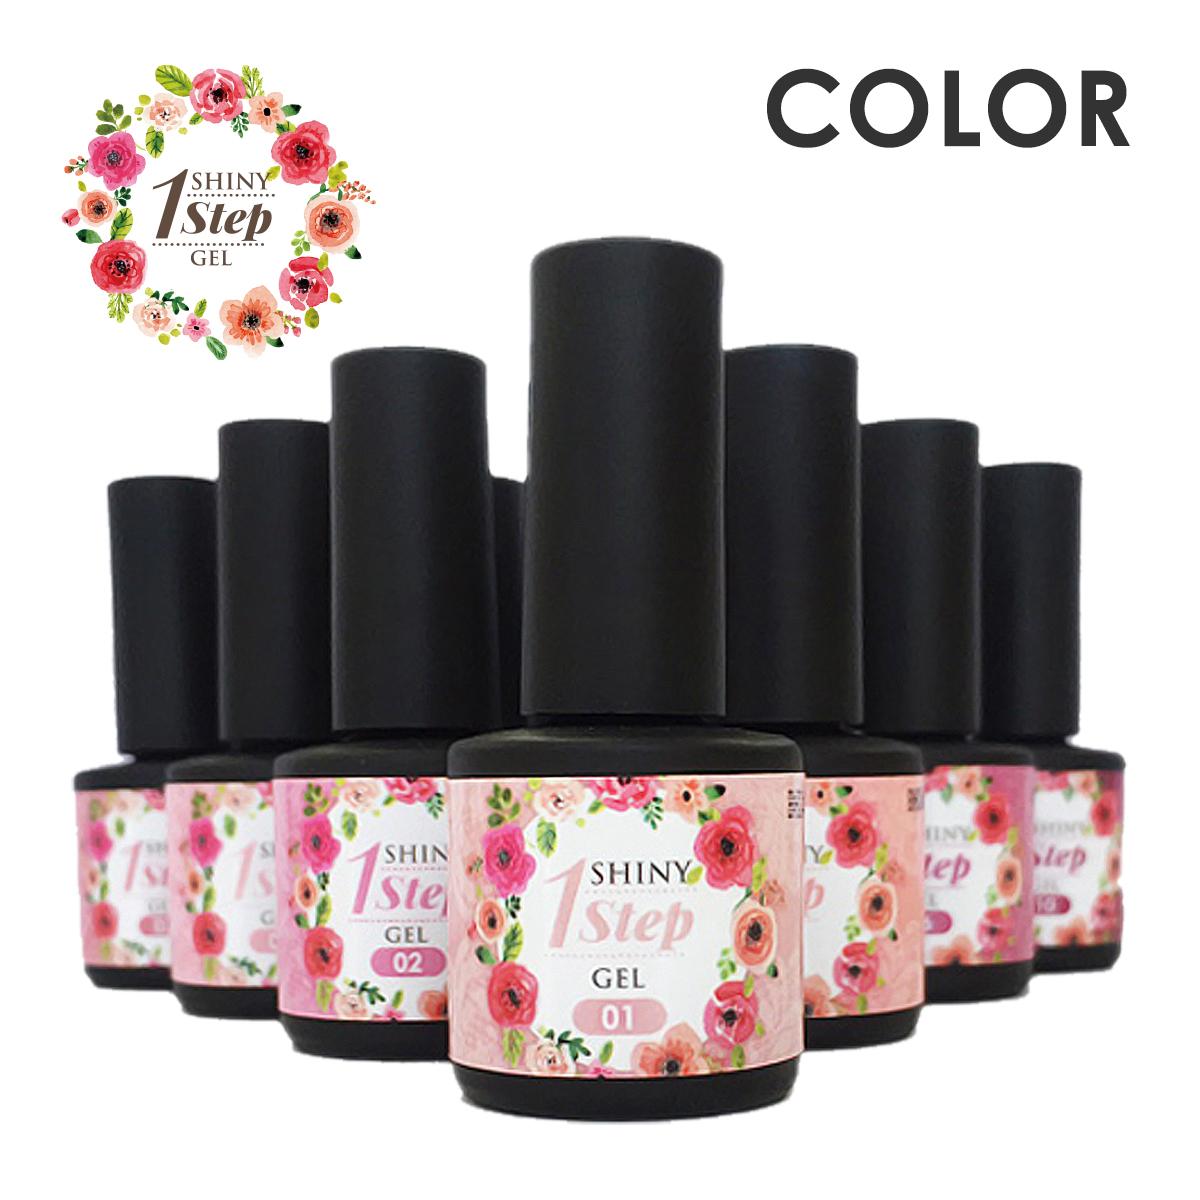 SHINY 1step GEL:カラー 各8g <17色よりお好きなカラーをお選びください>(シャイニーワンステップジェル) [UV/LED対応○]